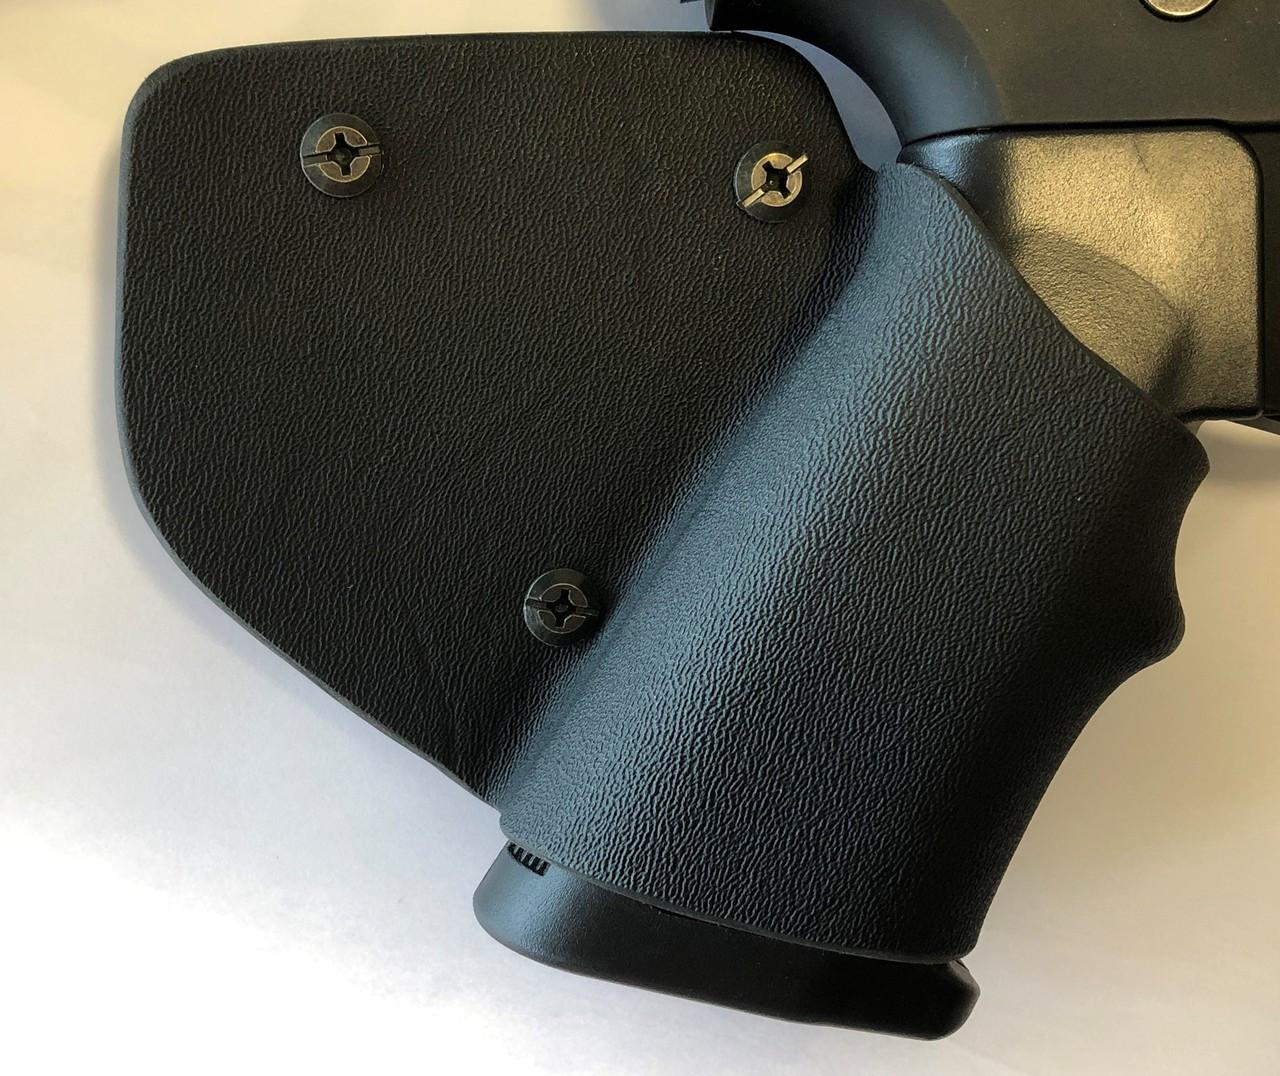 Steyr Arms AUG A3 M1(1.5x Optic) CALIFORNIA LEGAL 5.56- Mudd